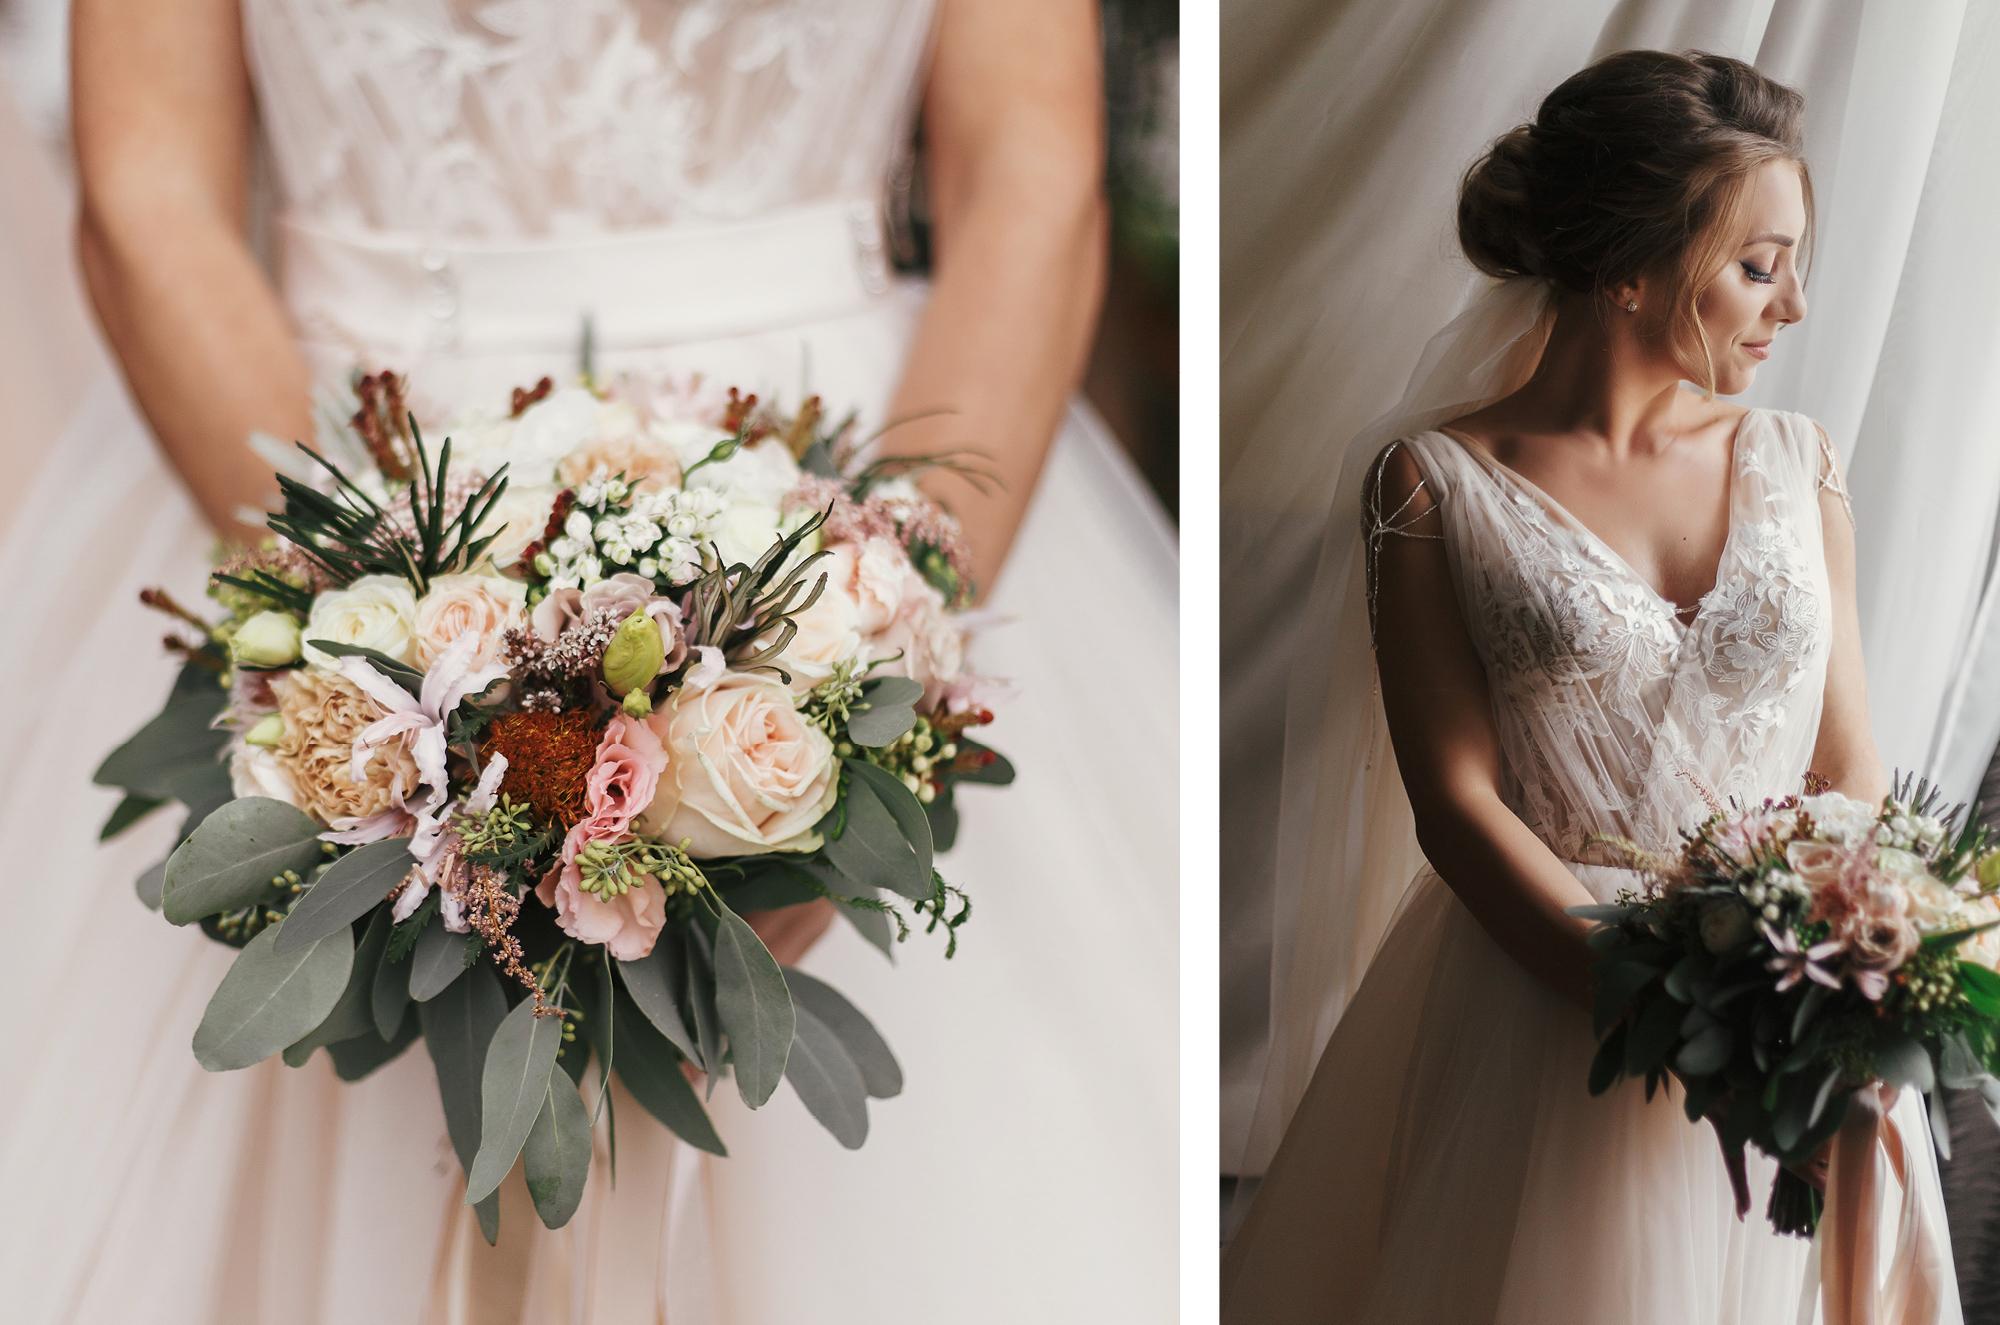 Braut mit zartem Braustrauß aus Pfingstrosen, Olivenblättern und Wildblumen